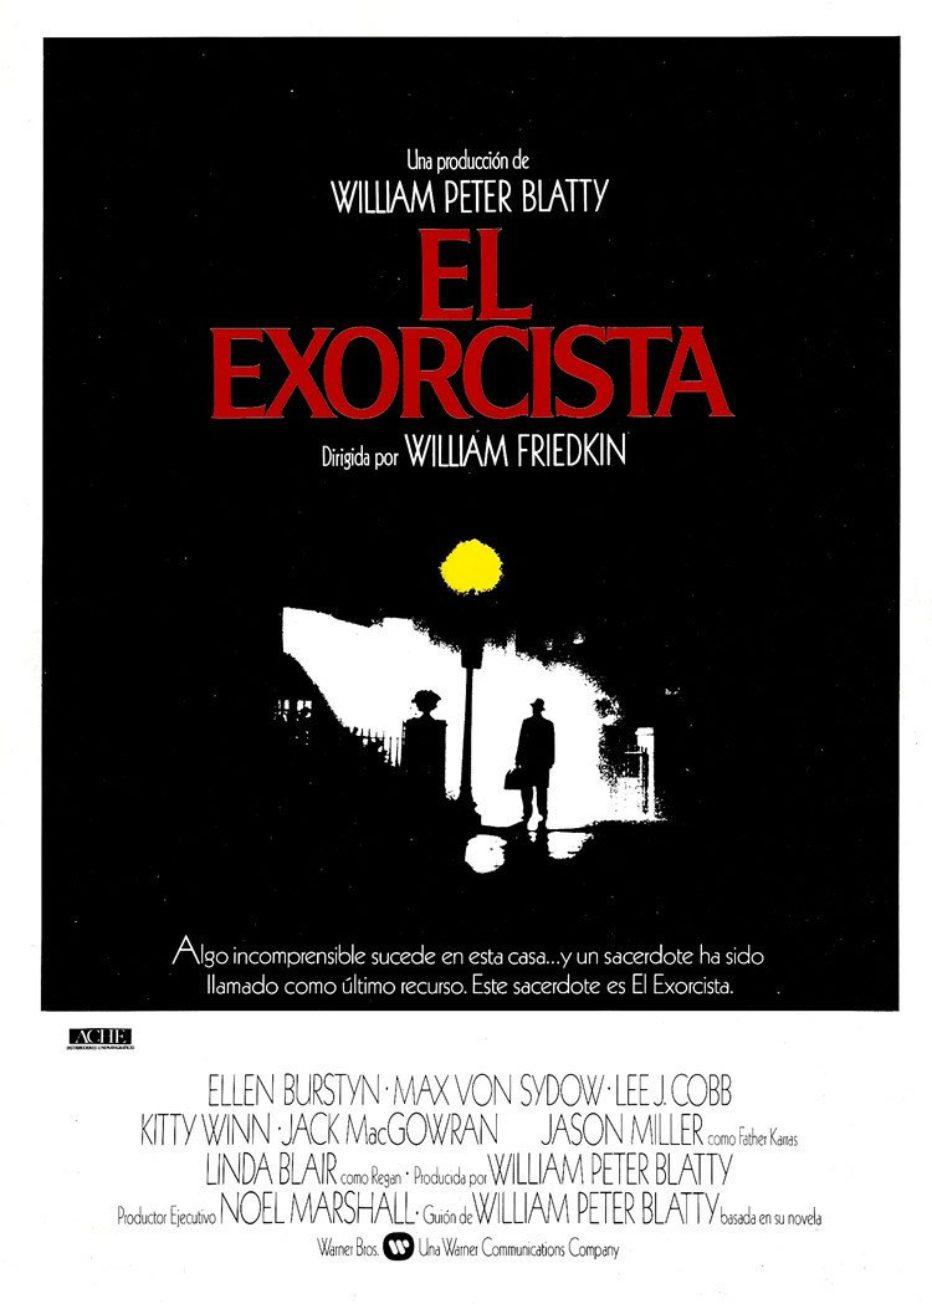 El exorcista